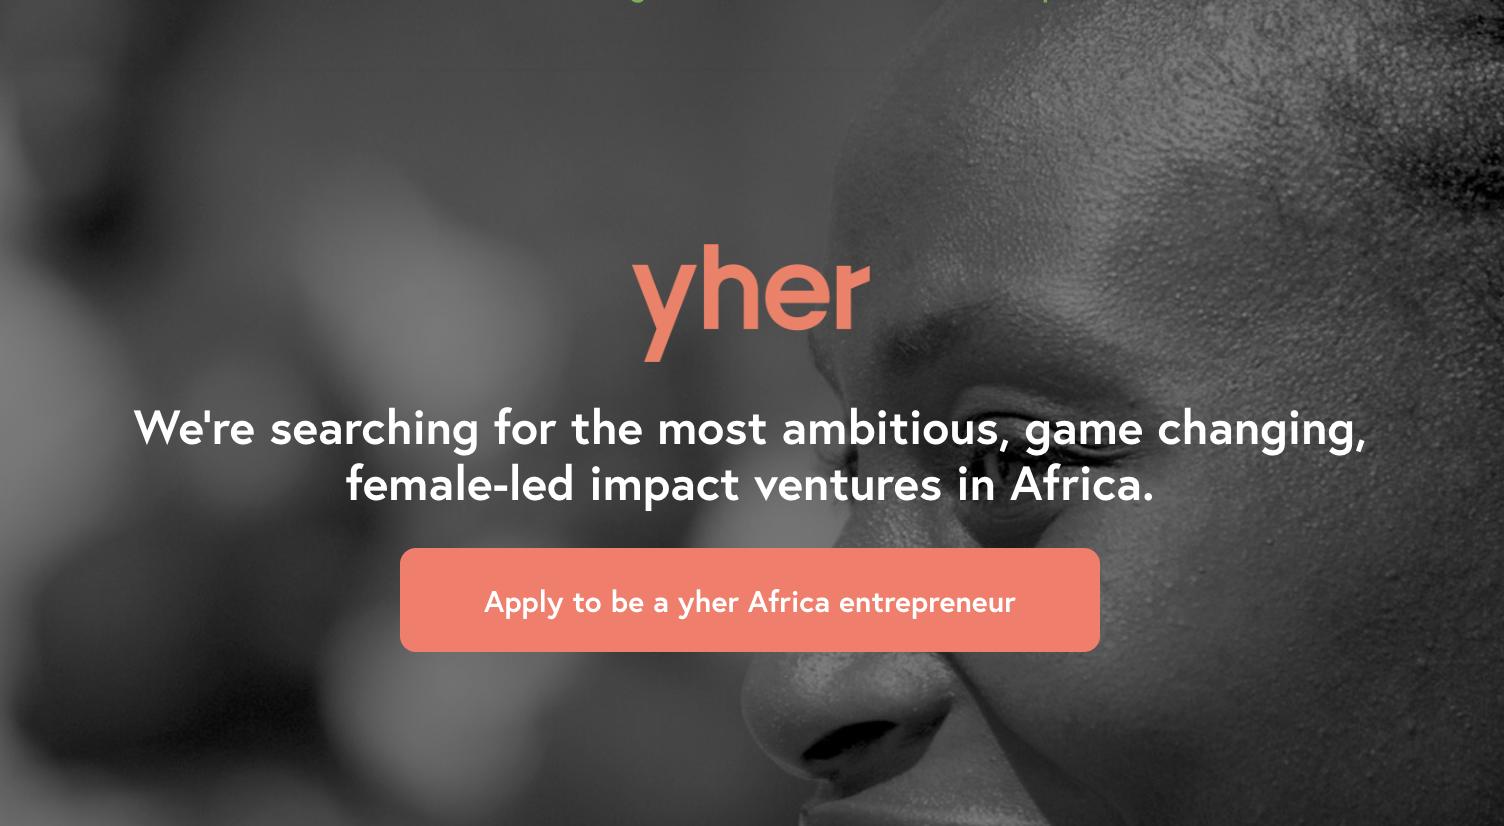 YGAP yher Africa Accelerator Program 2019 for Female Entrepreneurs